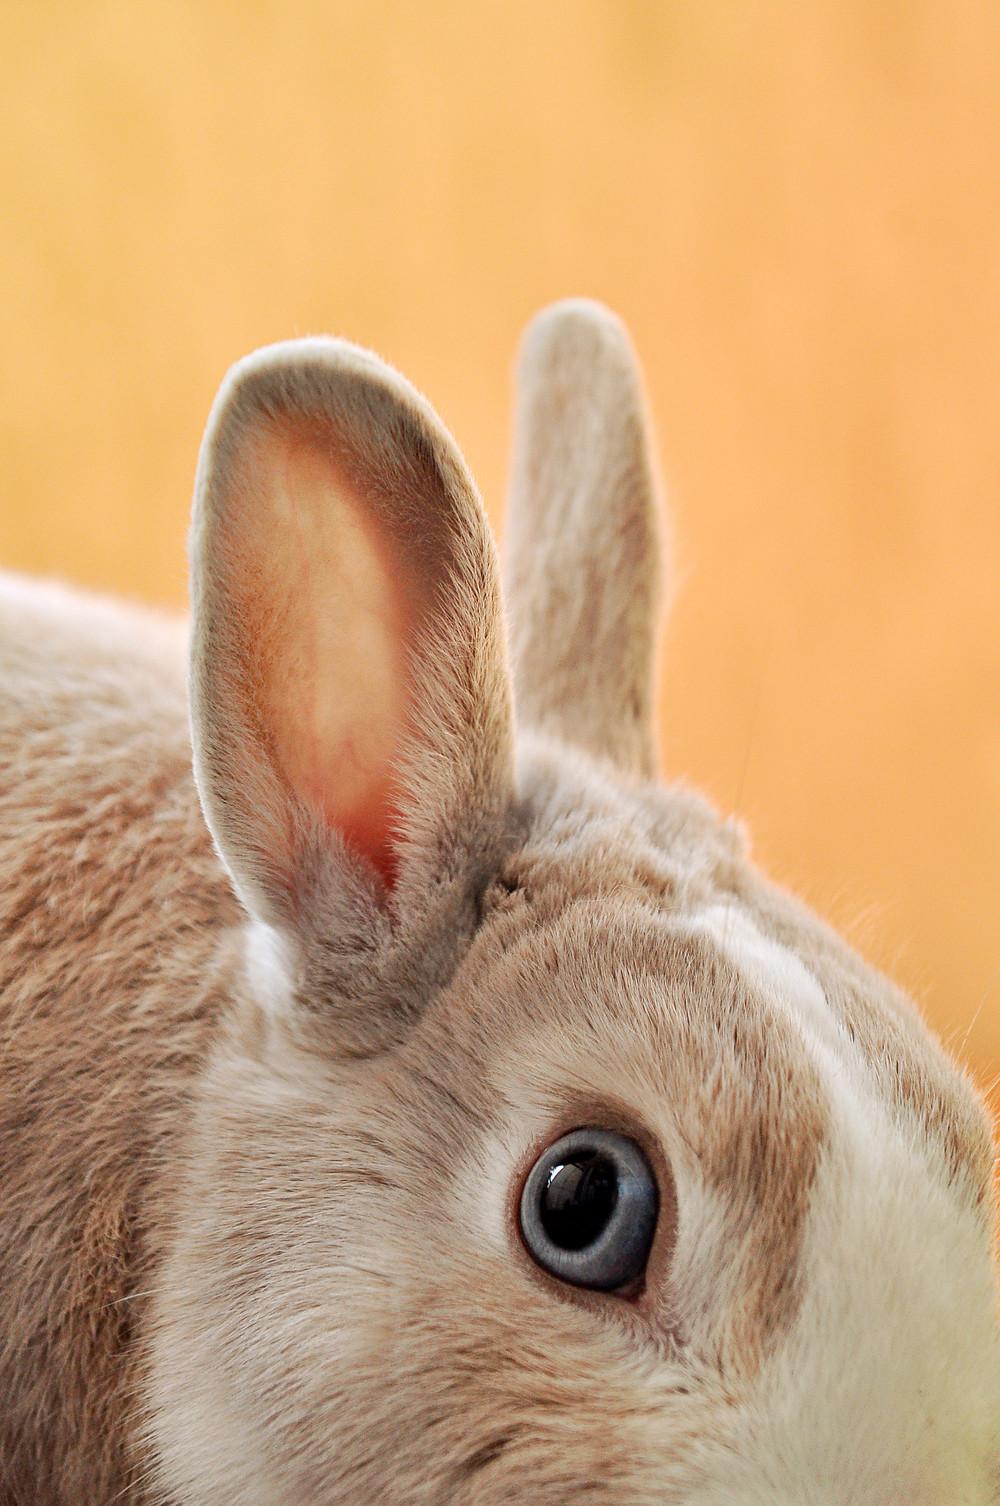 Image: bunny ears